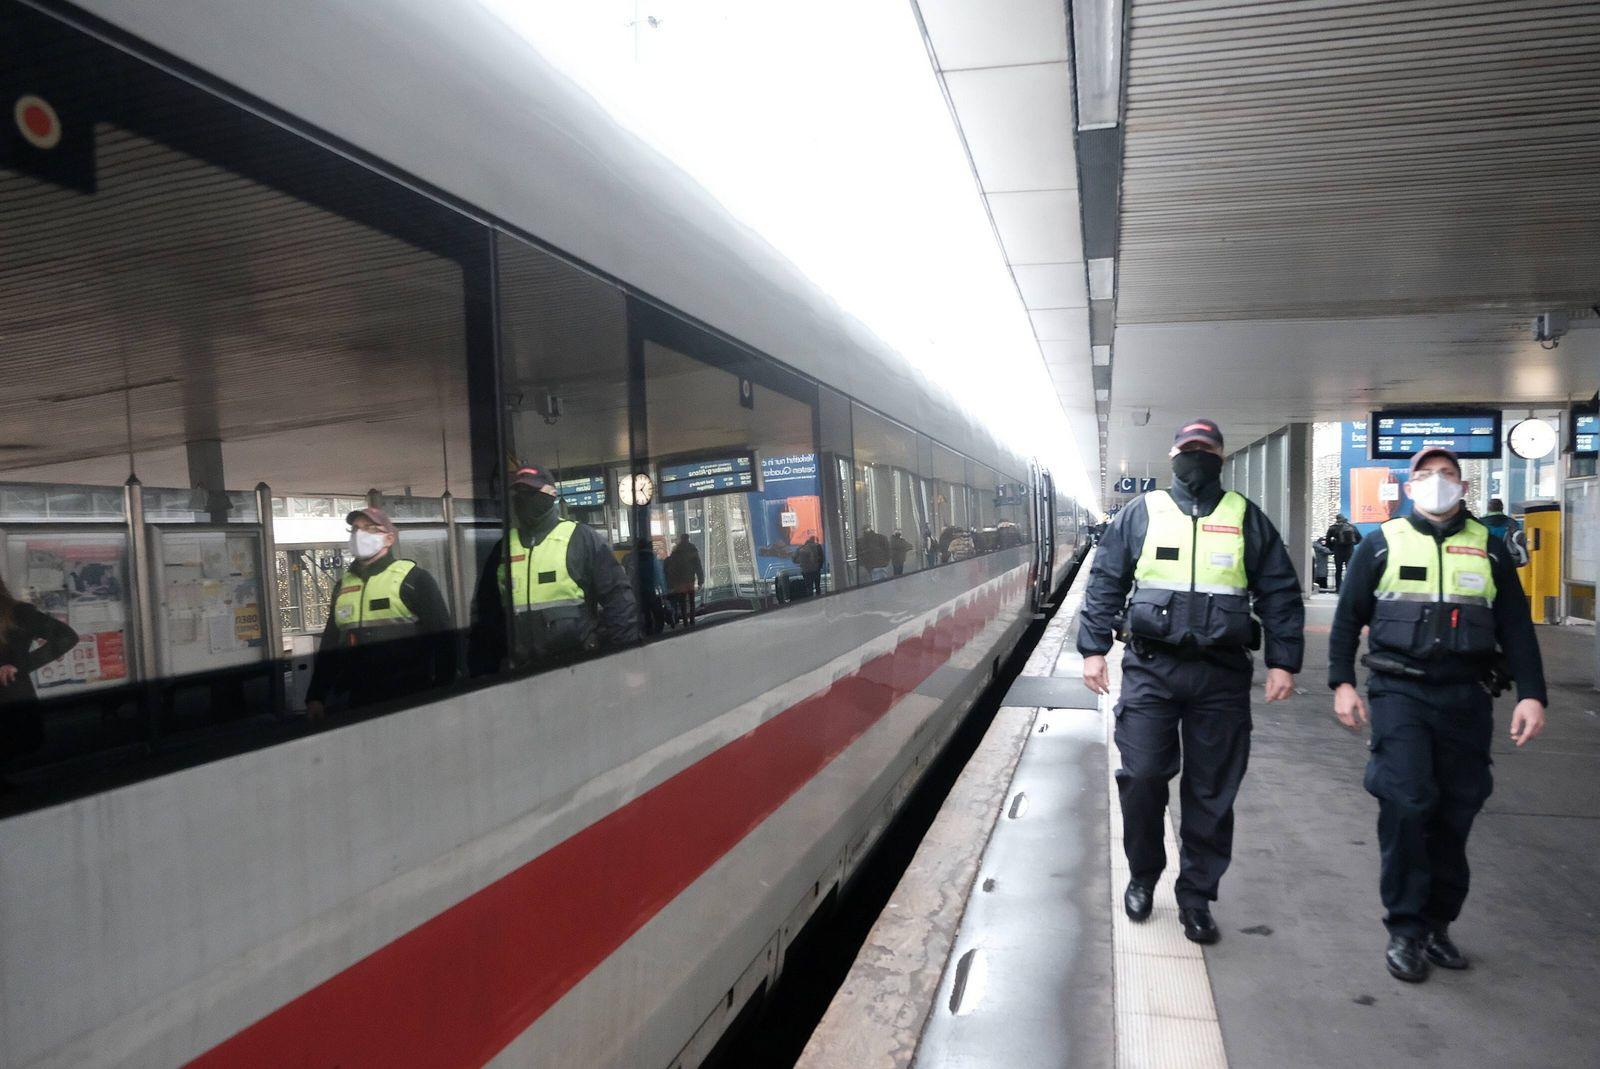 07.12.2020 xkhx, Einhaltung Corona Maskenpflicht Bundesweiter Aktionstag von Deutscher Bahn und Bundespolizei - umfangr